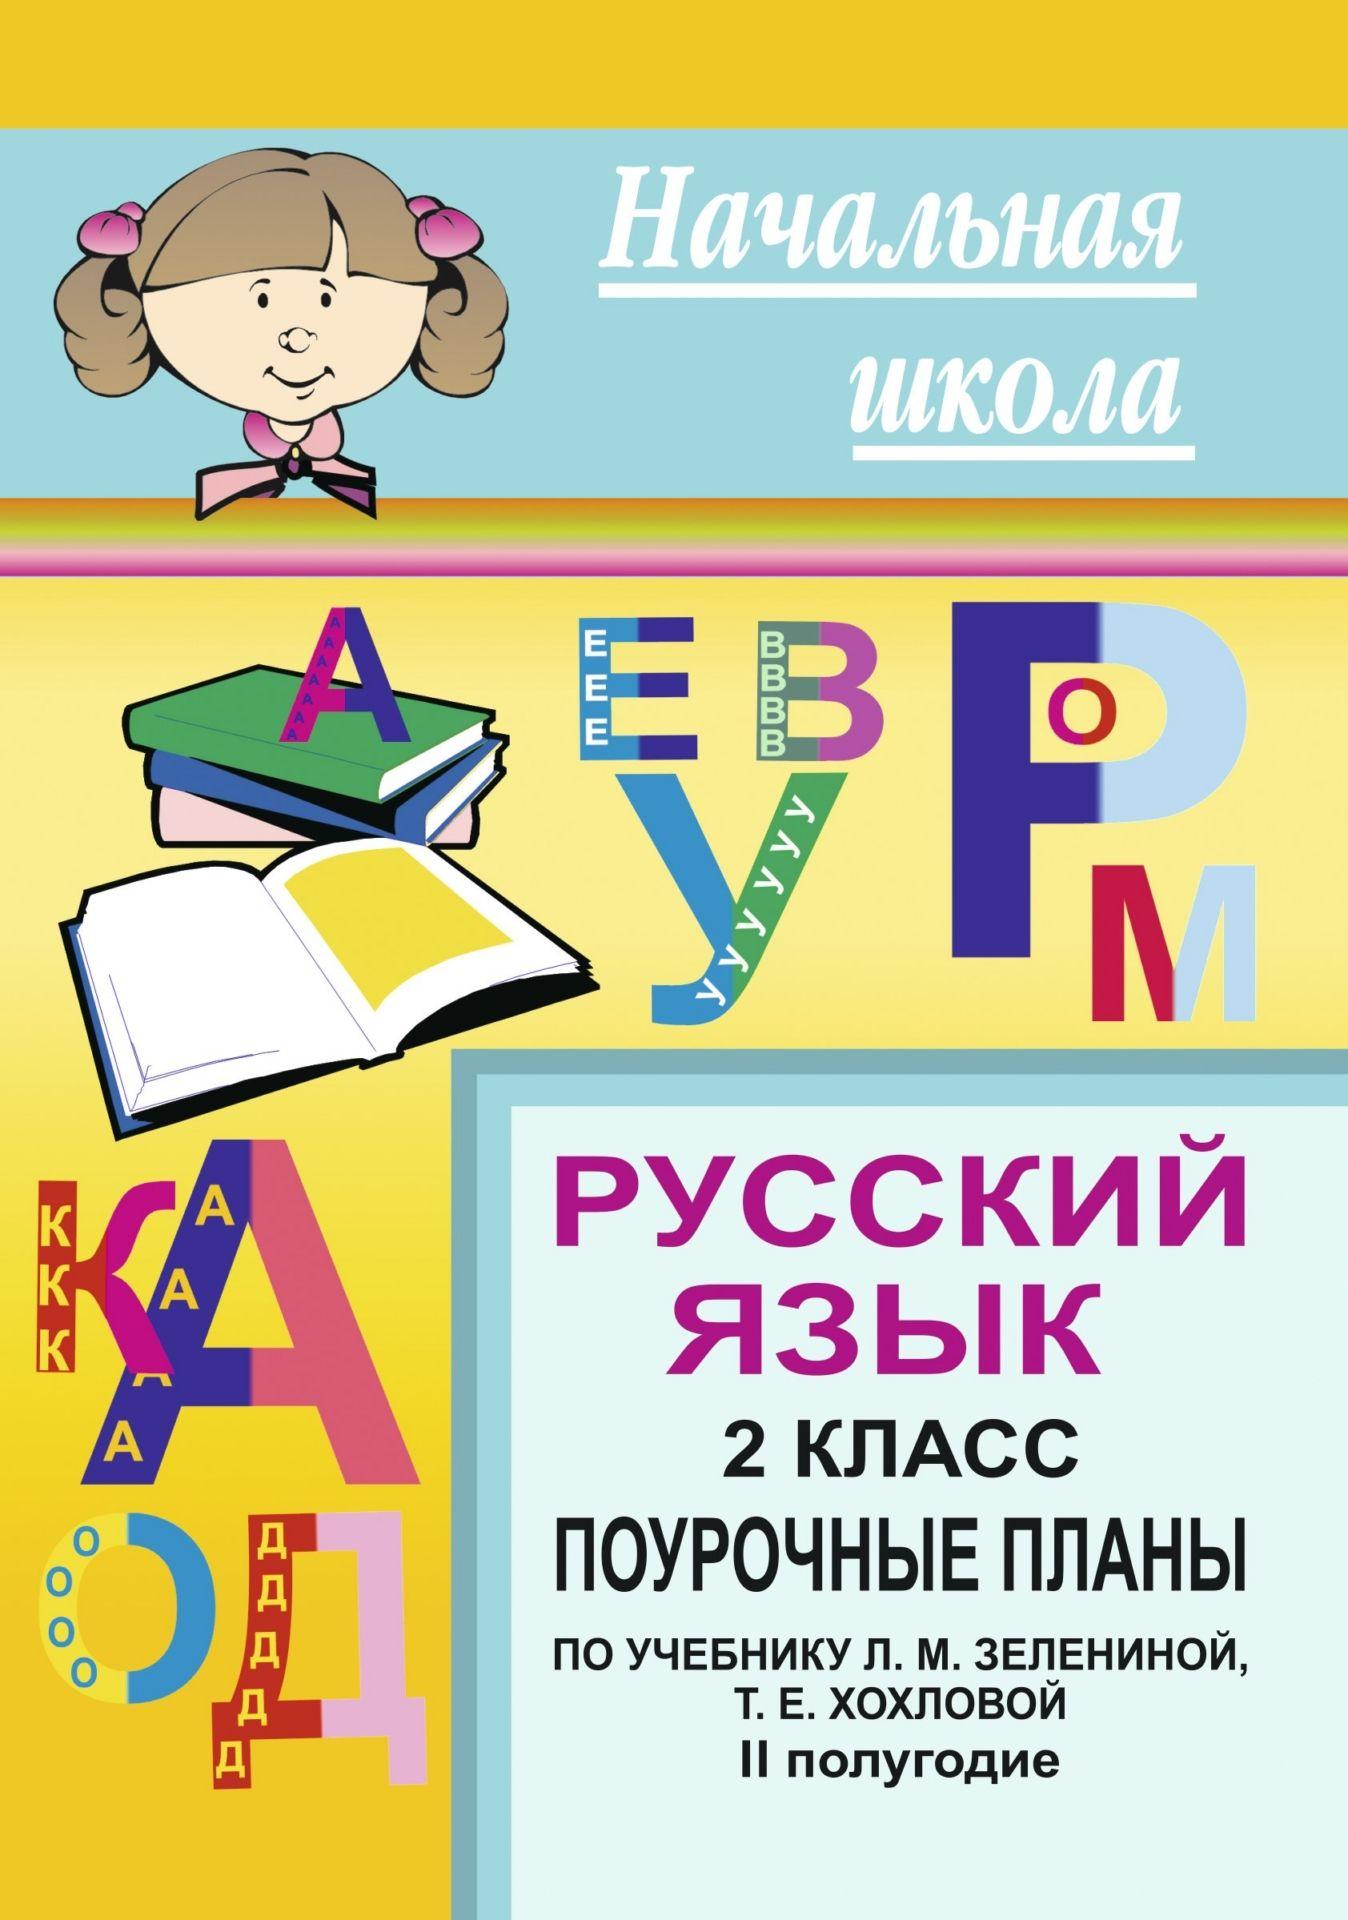 Русский язык. 2 кл. II полугодие. Поурочные планы по уч. Л. М. ЗеленинойПредметы<br>В пособии представлены поурочные планы по русскому языку во 2 классе (II полугодие), разработанные в соответствии с программой общеобразовательной школы (по учебнику: Русский язык. Учебник для 2 класса начальной школы: в 2 ч. Ч. II / Л. М. Зеленина, Т. Е...<br><br>Авторы: Перекрестова И. В.<br>Год: 2007<br>Серия: Начальная школа<br>ISBN: 5-7057-0588-3<br>Высота: 195<br>Ширина: 140<br>Толщина: 5